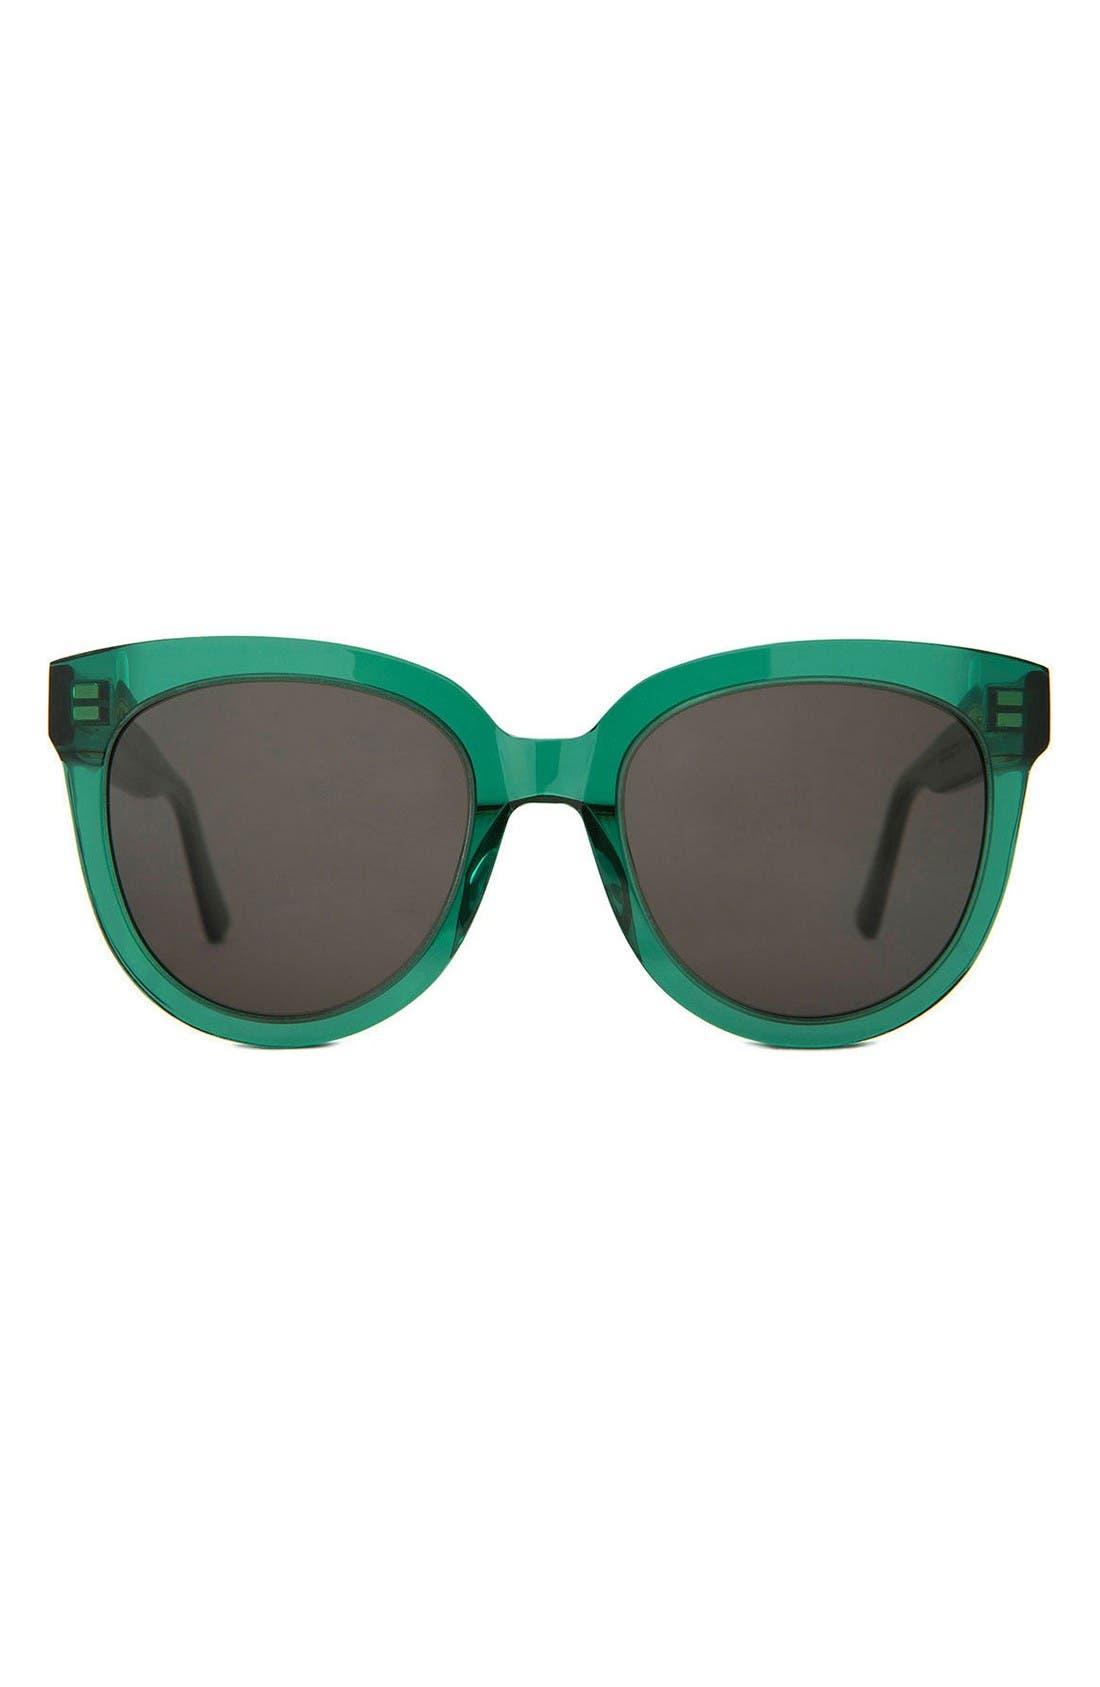 Illusion 53mm Sunglasses,                         Main,                         color, Green